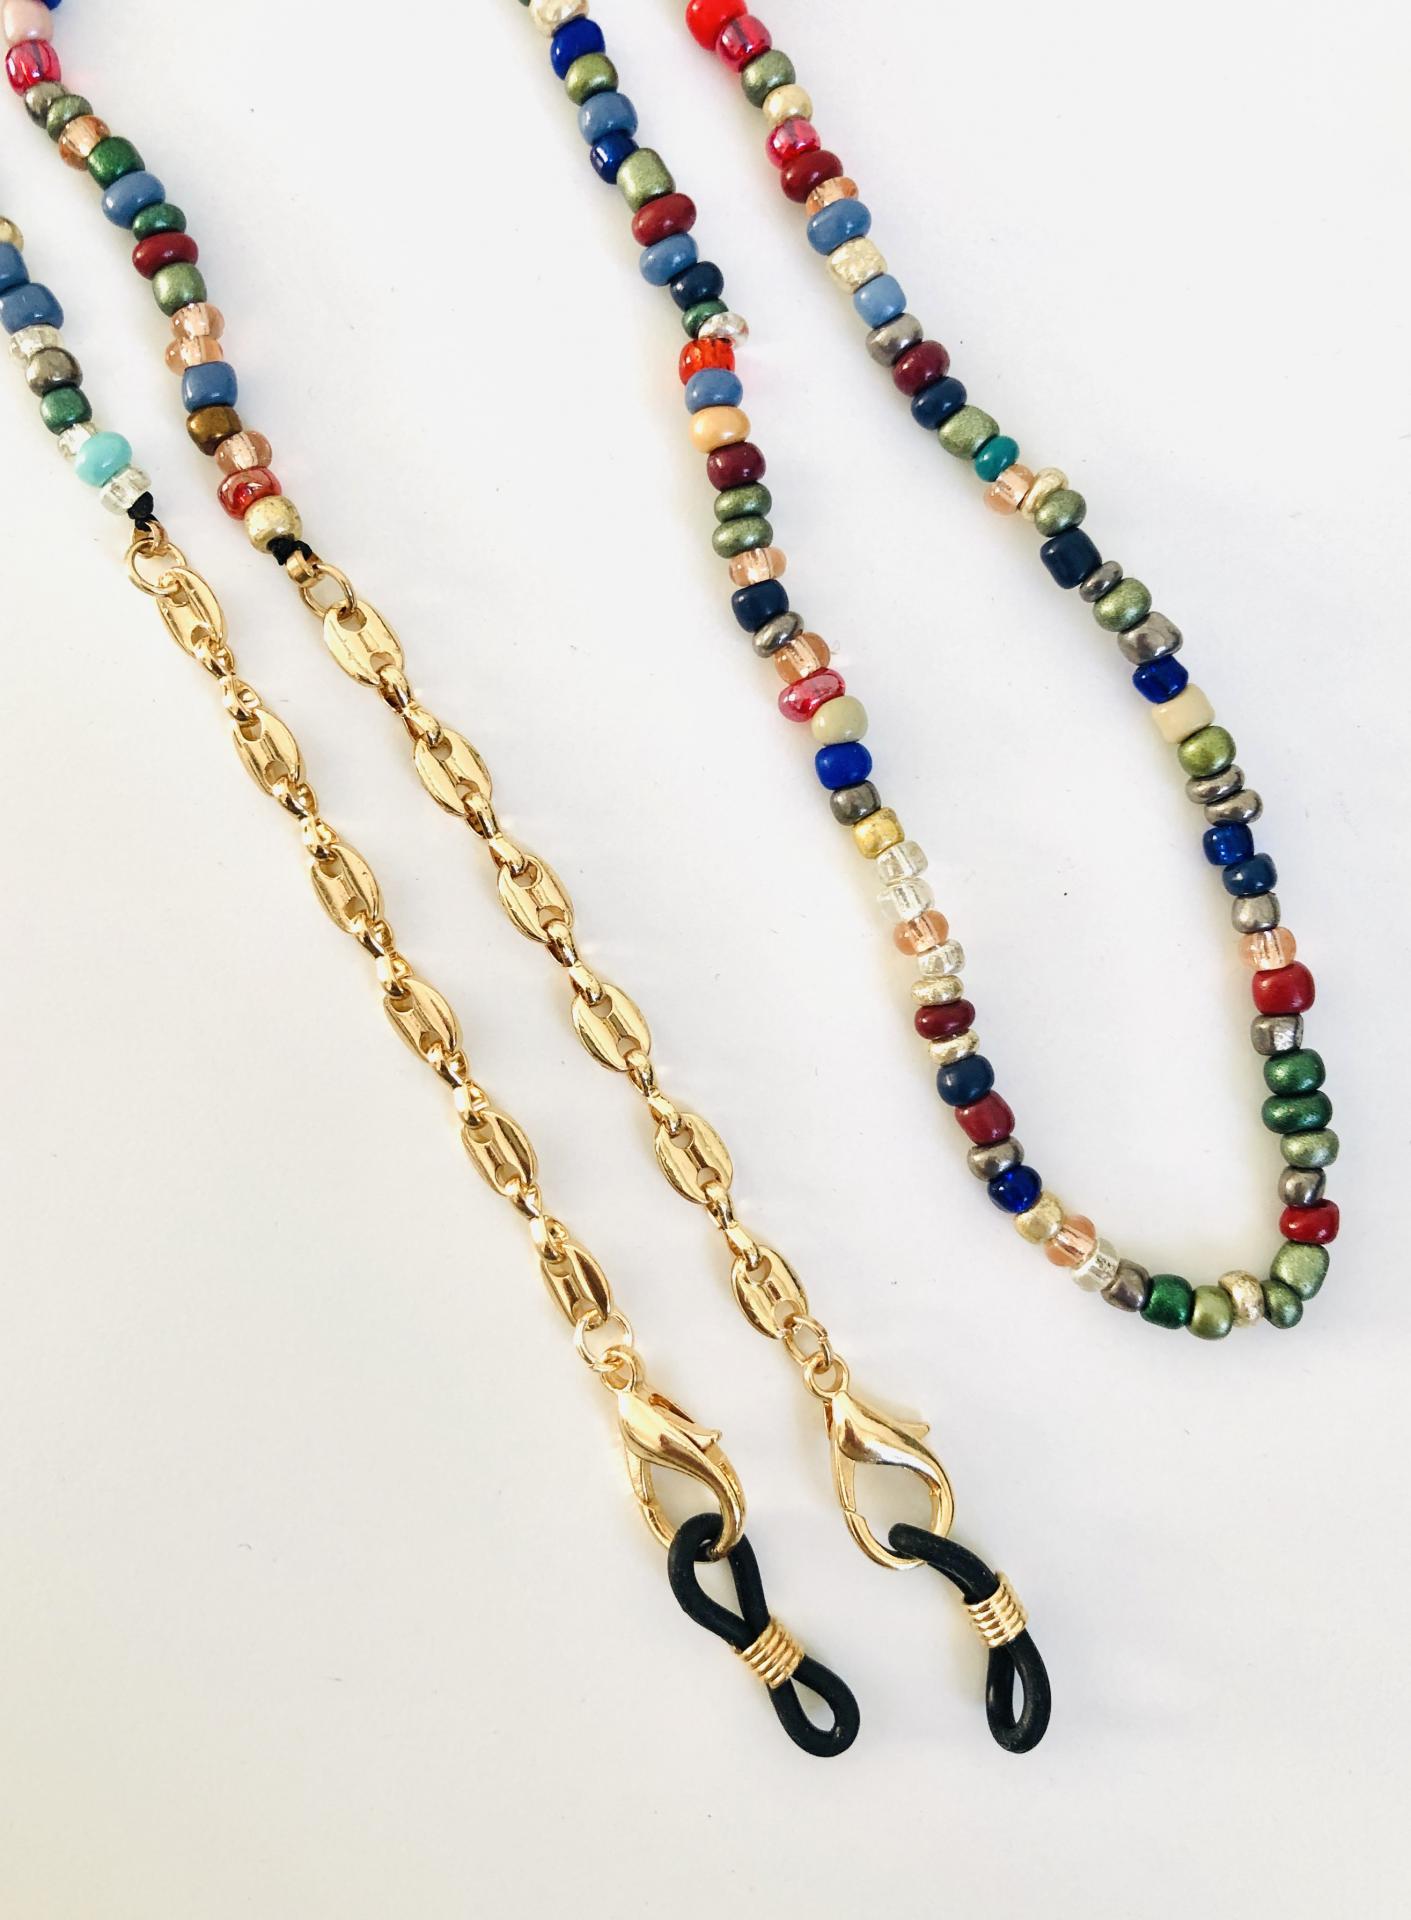 Cuelga mascarillas o gafas en tonos multicolor y con cadena de eslabones dorada